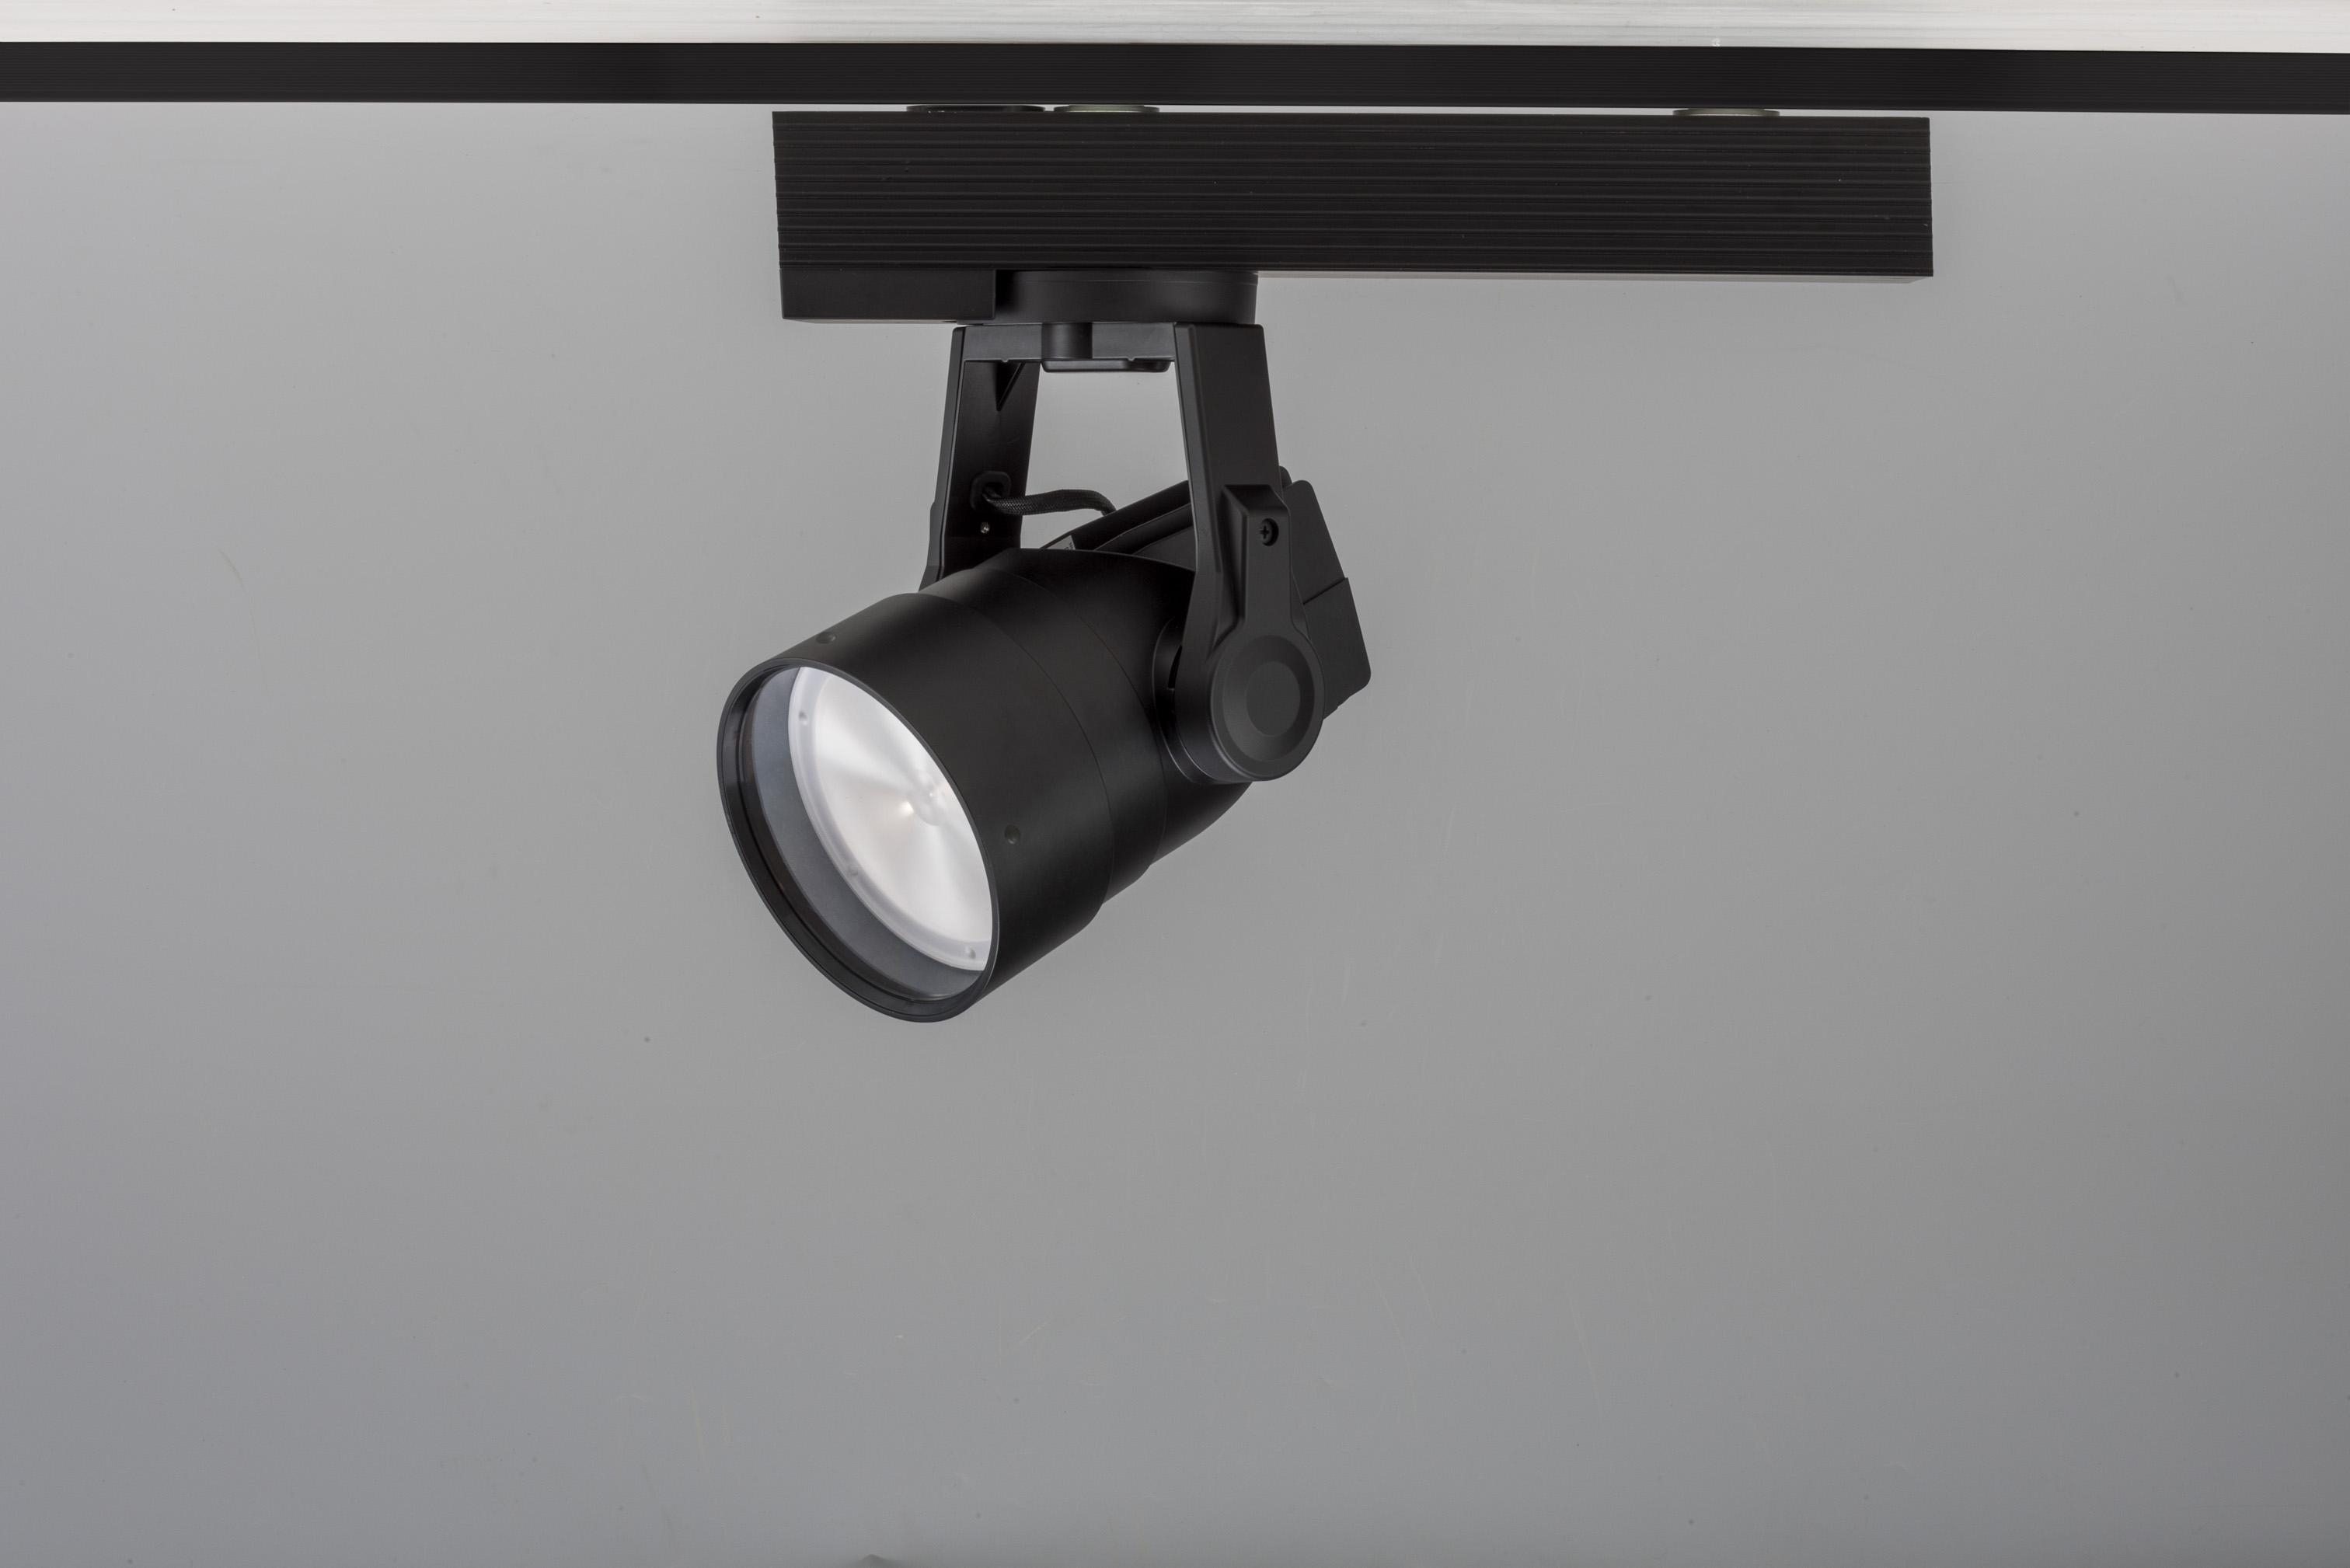 美術館・博物館向けLED照明「シューティングスポットライト」発売~スマホの簡単操作で照射方向や範囲の調整を実現